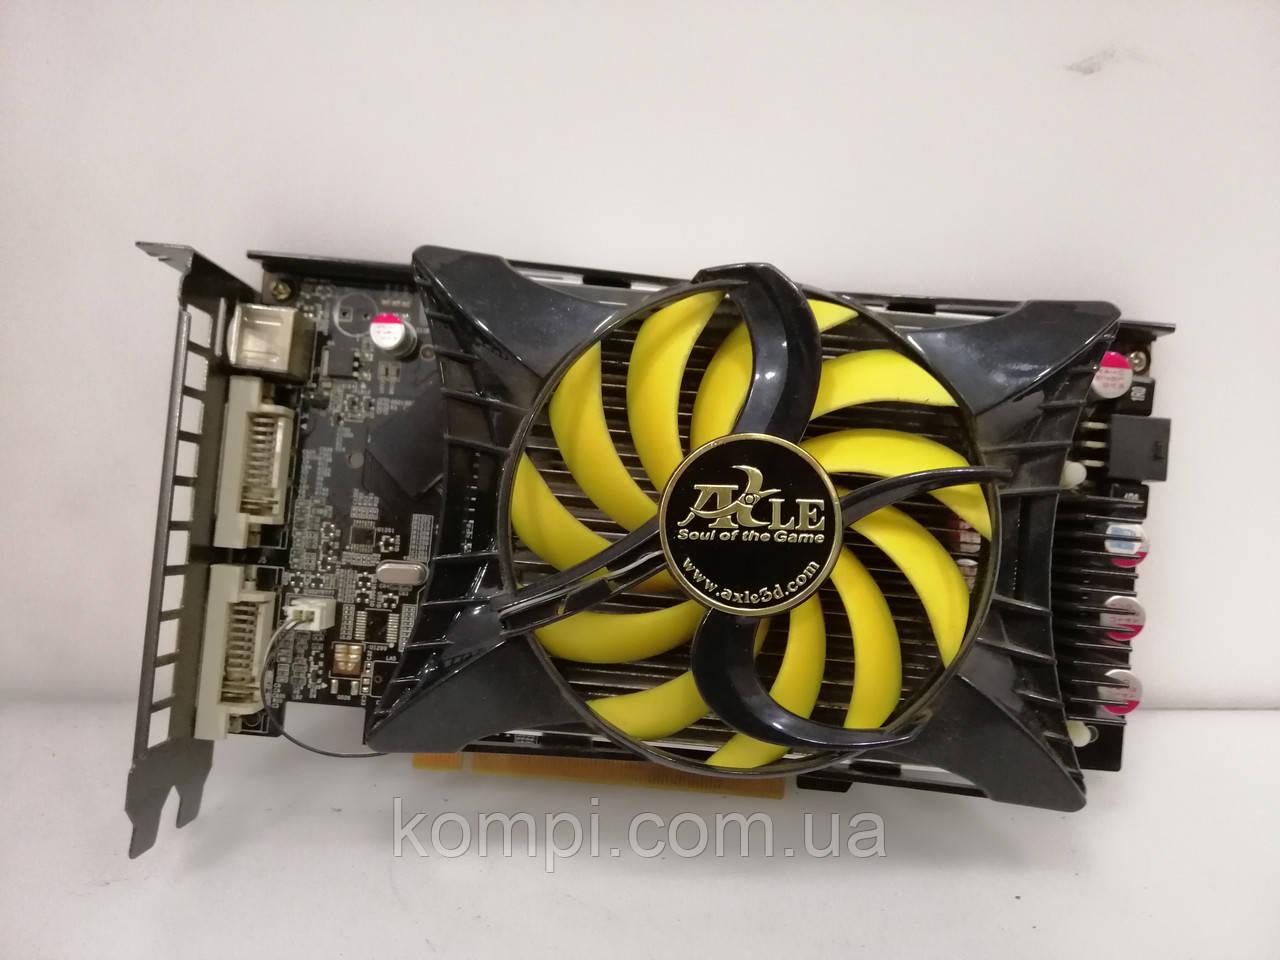 Видеокарта Nvidia Geforce 9800 GTX+ 1GB 256bit PCI-E